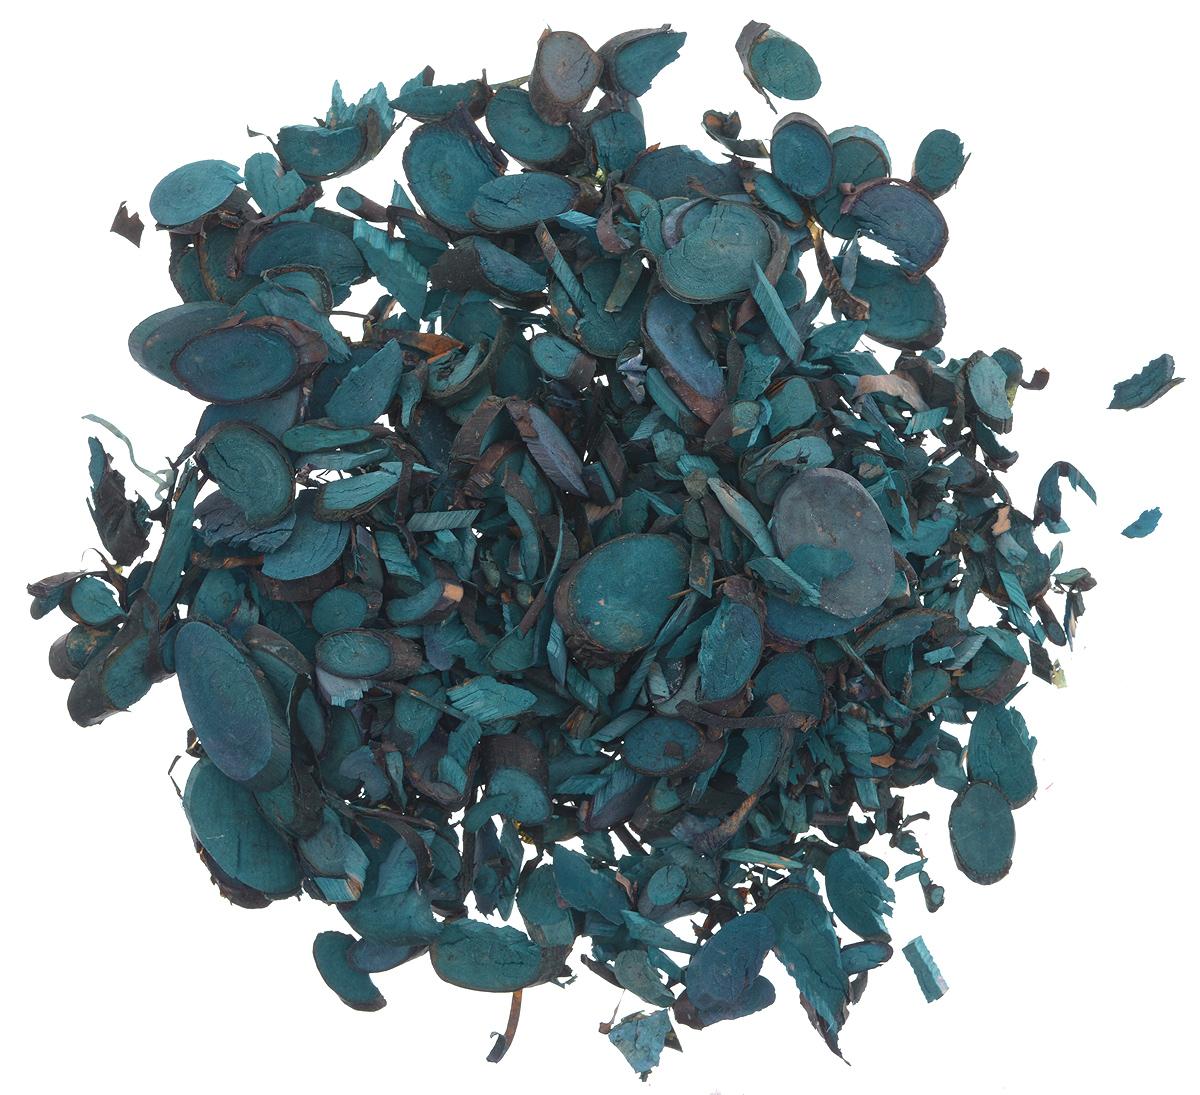 Декоративные элементы Dongjiang Art, цвет: синий, 50 г. 77089727708972_синийДекоративные элементы Dongjiang Art изготовлены из природного материала - дерева и предназначены для украшения цветочных композиций. Флористика - вид декоративно-прикладного искусства, который использует живые, засушенные или консервированные природные материалы для создания флористических работ. Это целый мир, в котором есть место и строгому математическому расчету, и вдохновению. Средний размер элемента: 2,5 см х 1,5 см х 0,2 см.